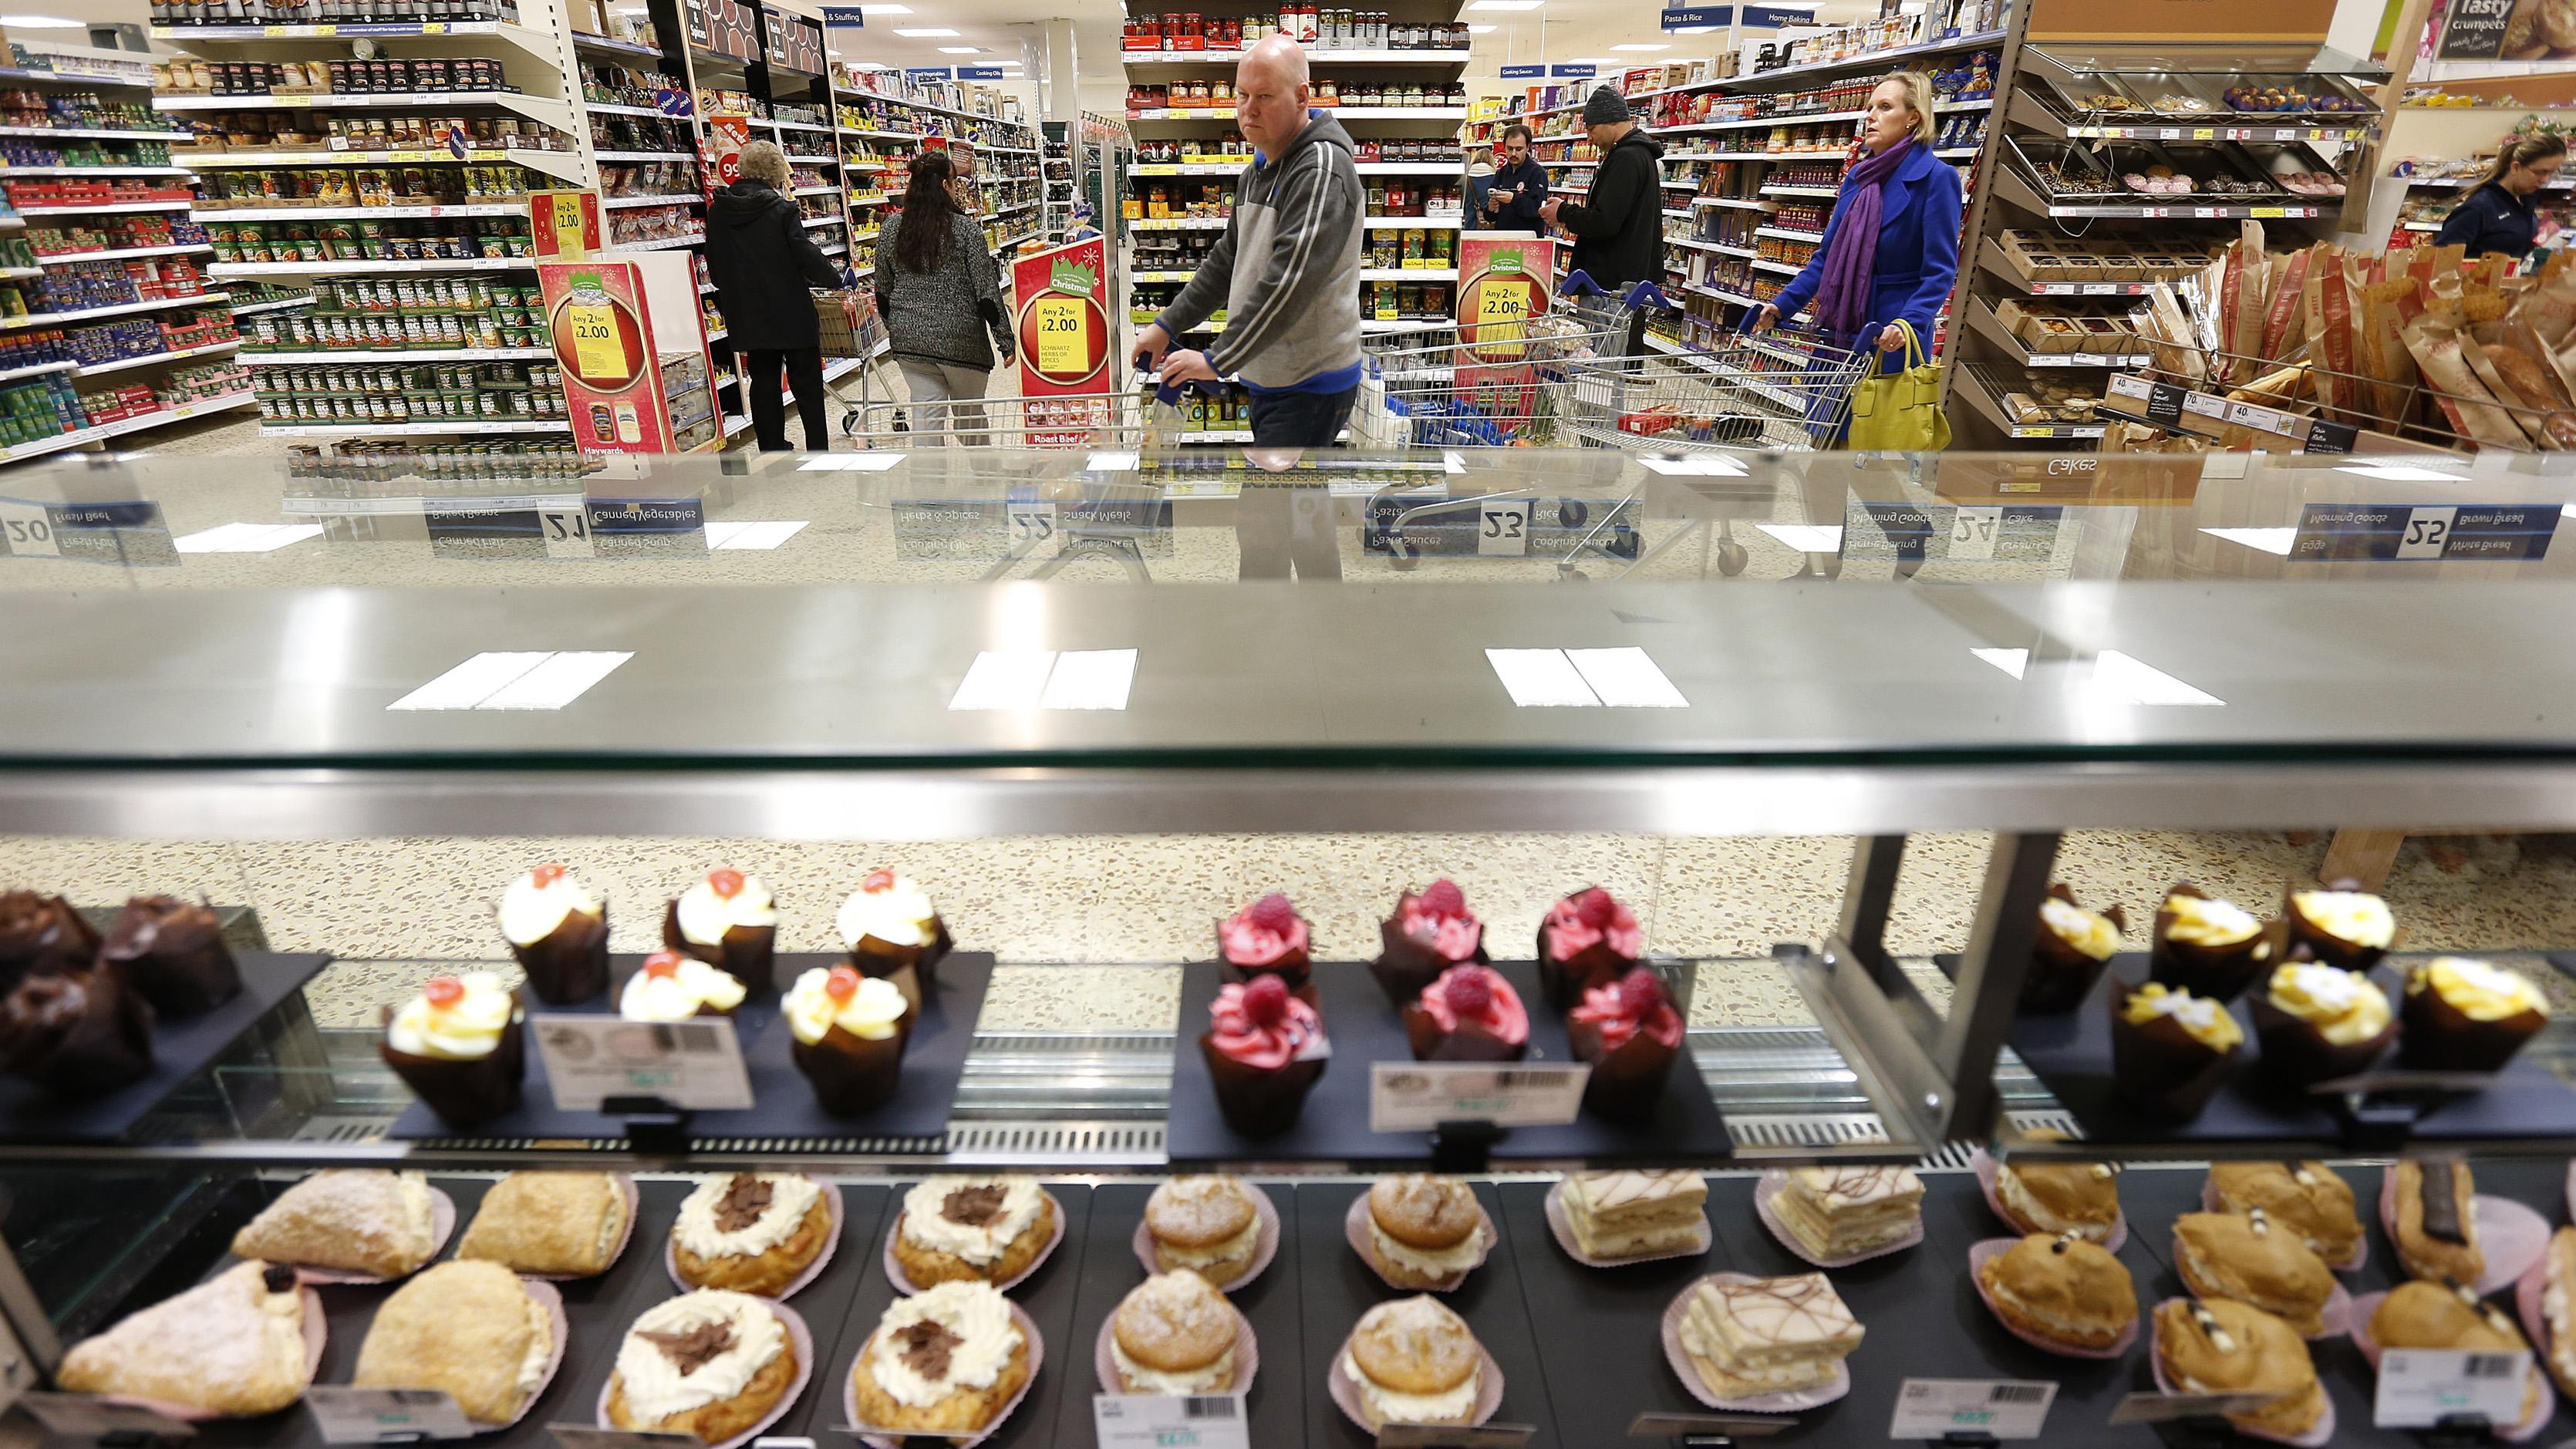 Giant Supermarket Bakery Cakes